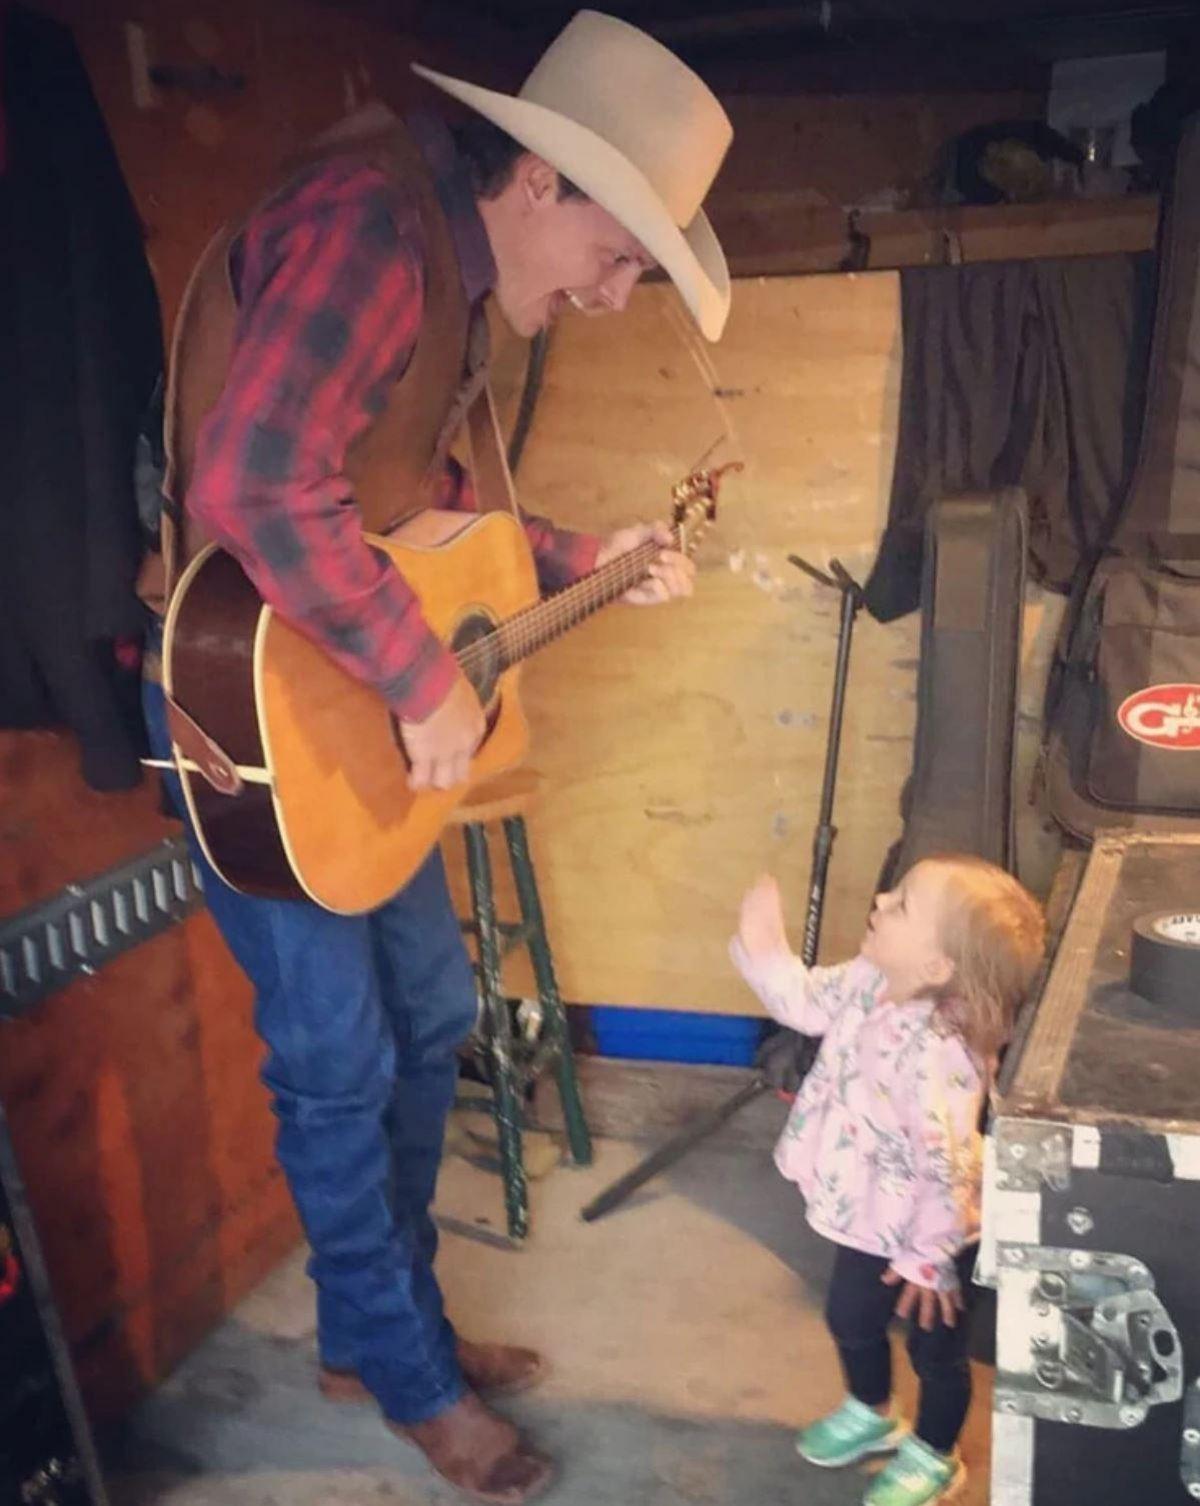 La hija del cantante de country Ned LeDoux, de 2 años, murió asfixiada